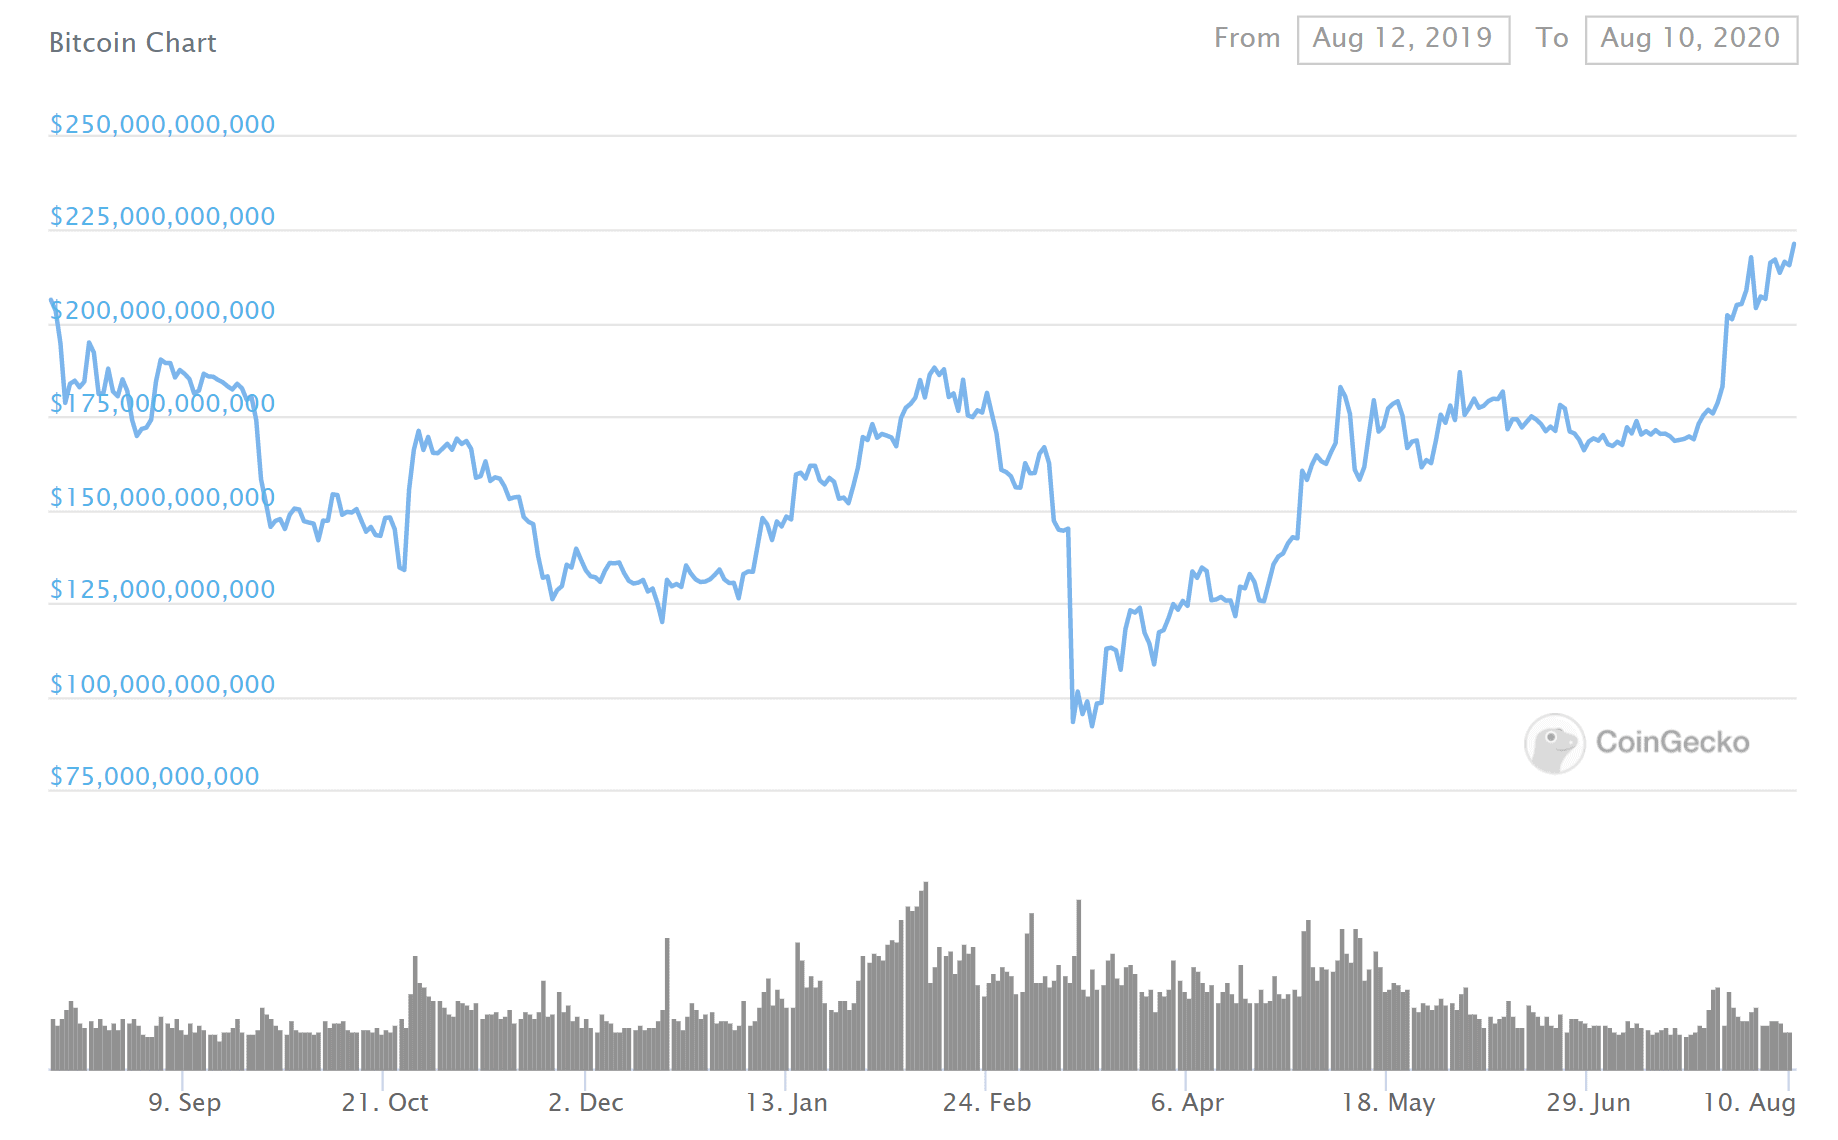 Биткойн-курс (BTC) тестирует $ 12 000 - стоит ли за этим оттенки серого? Зона Крипто - новости криптовалют BTC, биткоин, эфириум, алткоин, майнинг, биржи, ICO